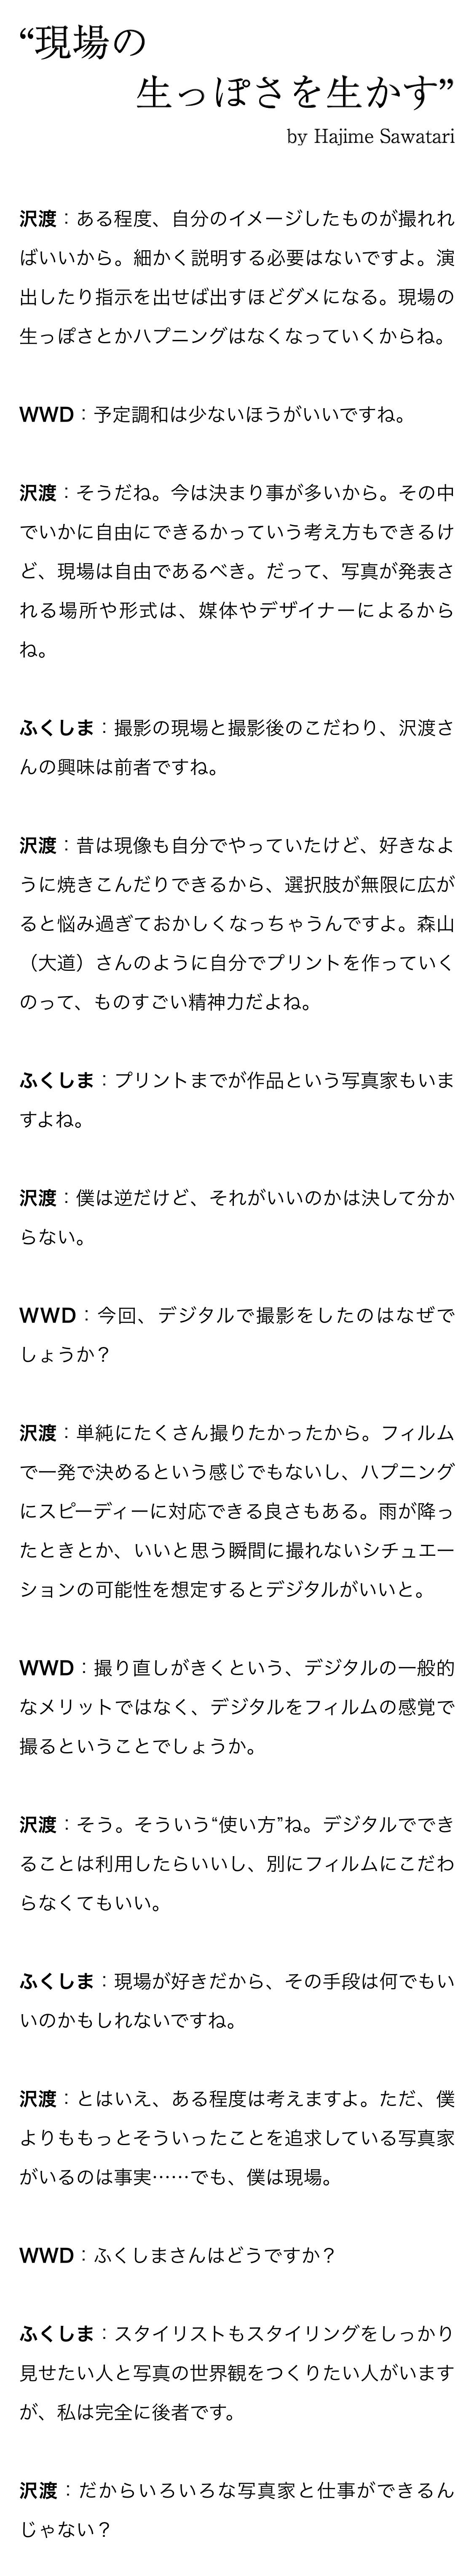 """""""現場の生っぽさを生かす"""" by Hajime Sawatari 沢渡:ある程度、自分のイメージしたものが撮れればいいから。細かく説明する必要はないですよ。演出したり指示を出せば出すほどダメになる。現場の生っぽさとかハプニングはなくなっていくからね。 WWD:予定調和は少ないほうがいいですね。 沢渡:そうだね。今は決まり事が多いから。その中でいかに自由にできるかっていう考え方もできるけど、現場は自由であるべき。だって、写真が発表される場所や形式は、媒体やデザイナーによるからね。 ふくしま:撮影の現場と撮影後のこだわり、沢渡さんの興味は前者ですね。 沢渡:昔は現像も自分でやっていたけど、好きなように焼きこんだりできるから、選択肢が無限に広がると悩み過ぎておかしくなっちゃうんですよ。森山(大道)さんのように自分でプリントを作っていくのって、ものすごい精神力だよね。 ふくしま:プリントまでが作品という写真家もいますよね。 沢渡:僕は逆だけど、それがいいのかは決して分からない。 WWD:今回、デジタルで撮影をしたのはなぜでしょうか? 沢渡:単純にたくさん撮りたかったから。フィルムで一発で決めるという感じでもないし、ハプニングにスピーディーに対応できる良さもある。雨が降ったときとか、いいと思う瞬間に撮れないシチュエーションの可能性を想定するとデジタルがいいと。 WWD:撮り直しがきくという、デジタルの一般的なメリットではなく、デジタルをフィルムの感覚で撮るということでしょうか。 沢渡:そう。そういう""""使い方""""ね。デジタルでできることは利用したらいいし、別にフィルムにこだわらなくてもいい。 ふくしま:現場が好きだから、その手段は何でもいいのかもしれないですね。 沢渡:とはいえ、ある程度は考えますよ。ただ、僕よりももっとそういったことを追求している写真家がいるのは事実……でも、僕は現場。 WWD:ふくしまさんはどうですか? ふくしま:スタイリストもスタイリングをしっかり見せたい人と写真の世界観をつくりたい人がいますが、私は完全に後者です。 沢渡:だからいろいろな写真家と仕事ができるんじゃない?"""